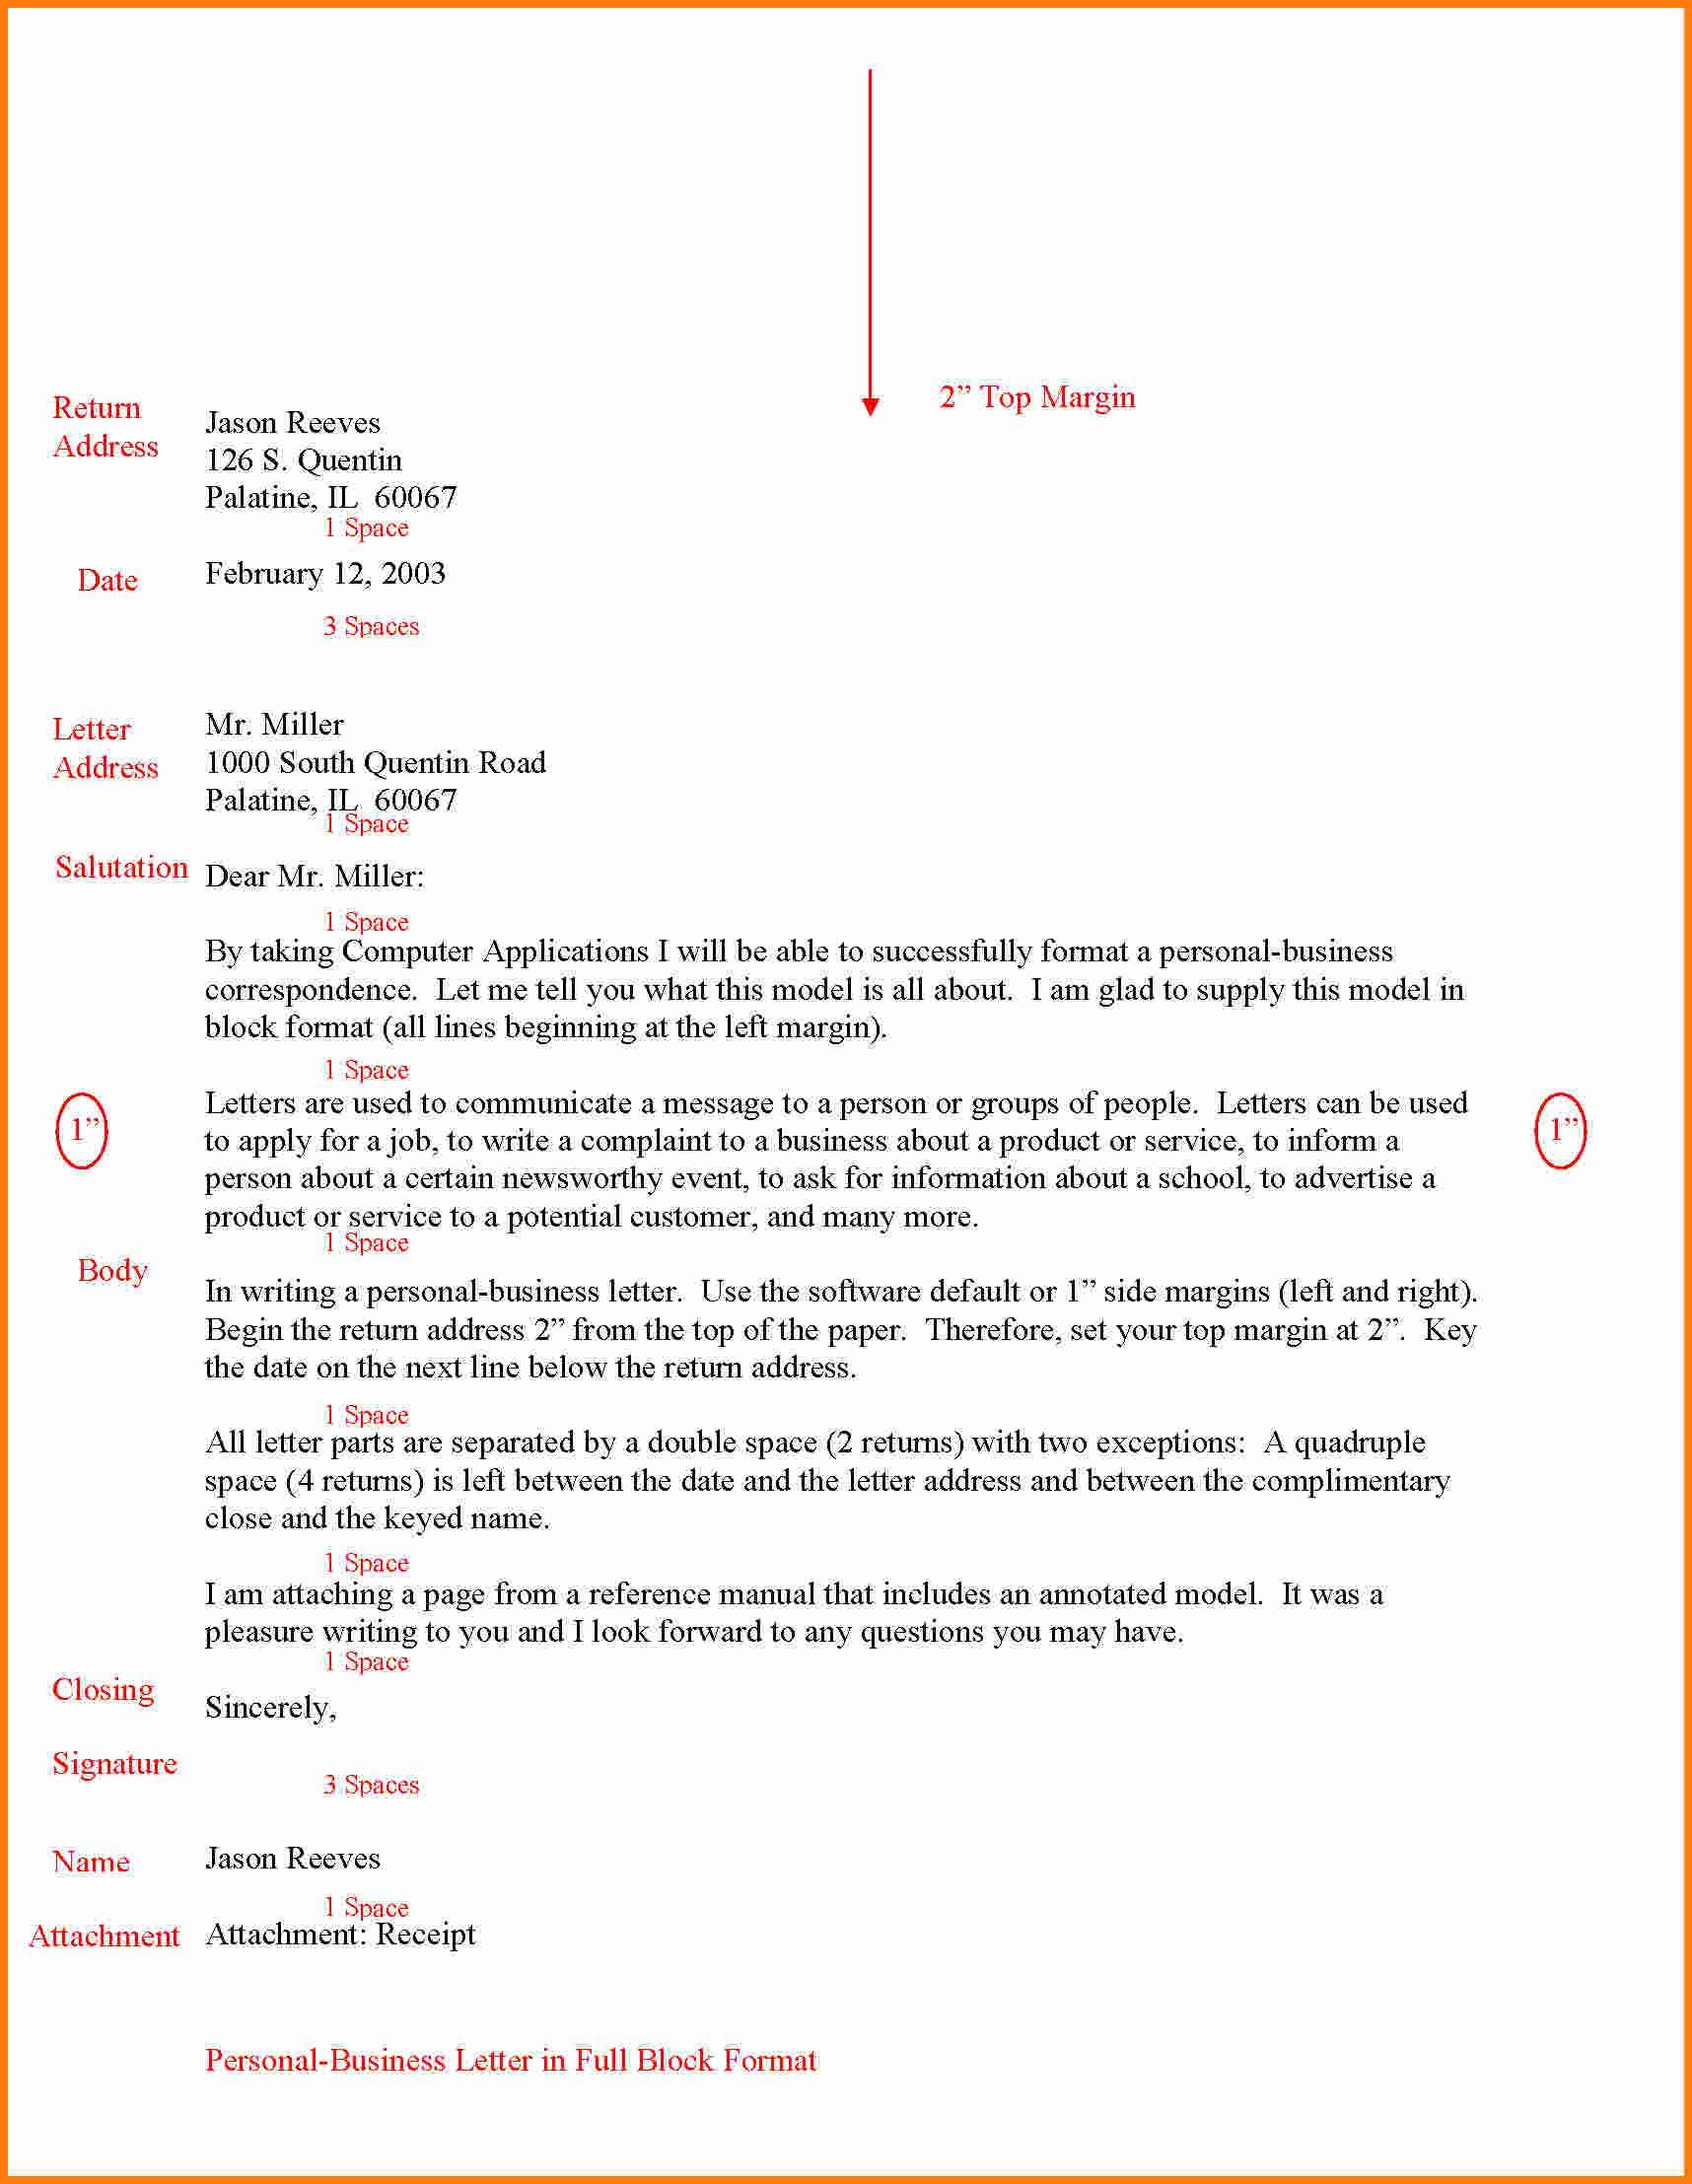 Letter format full block ledger paper style sample application letter format full block ledger paper style sample application form cover templates pinterest thecheapjerseys Images